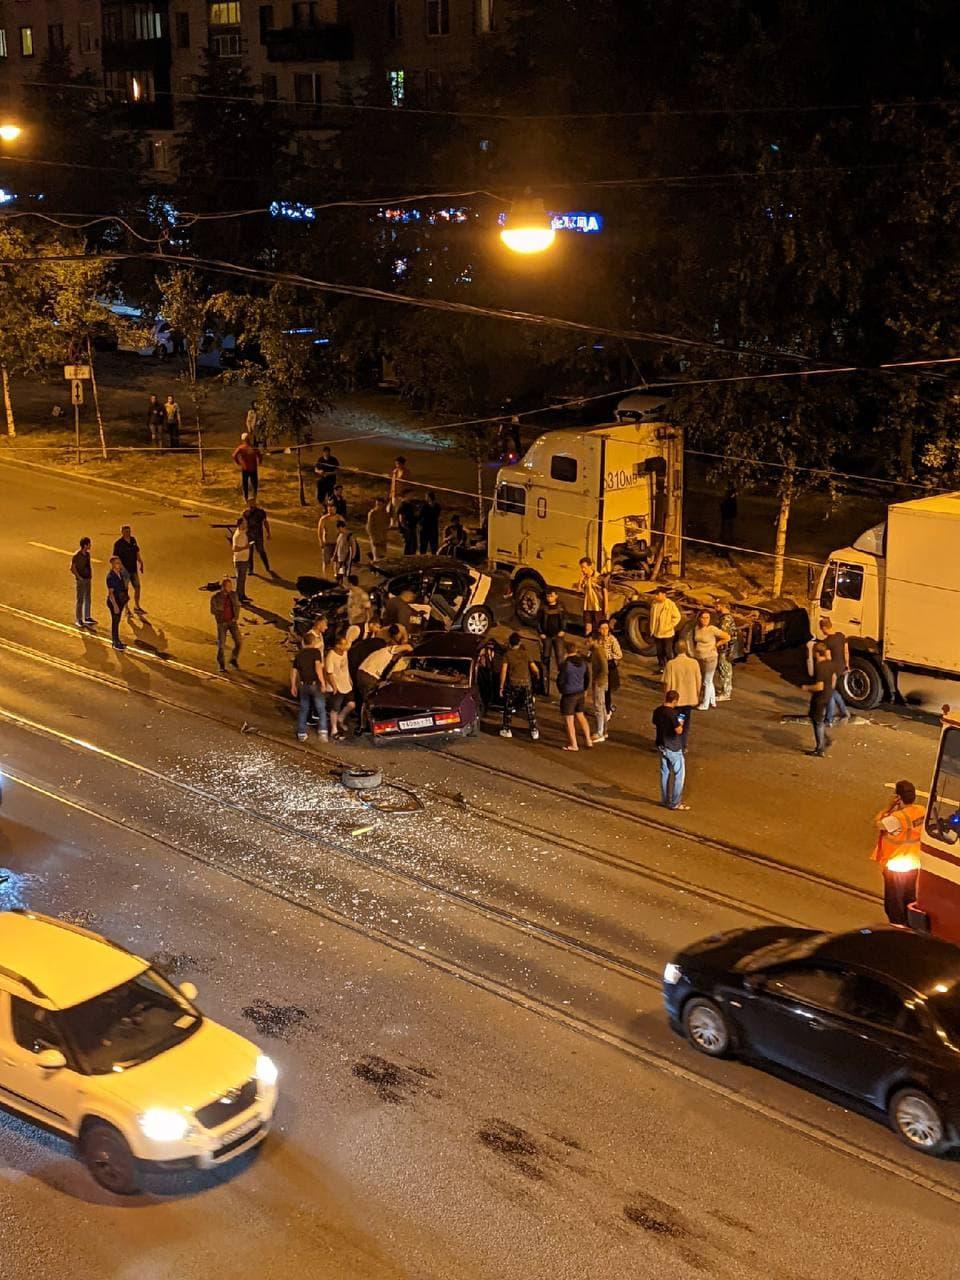 «Кричал на всю улицу, что заклинило руль». На Маршала Говорова сошлись ВАЗ и каршеринг